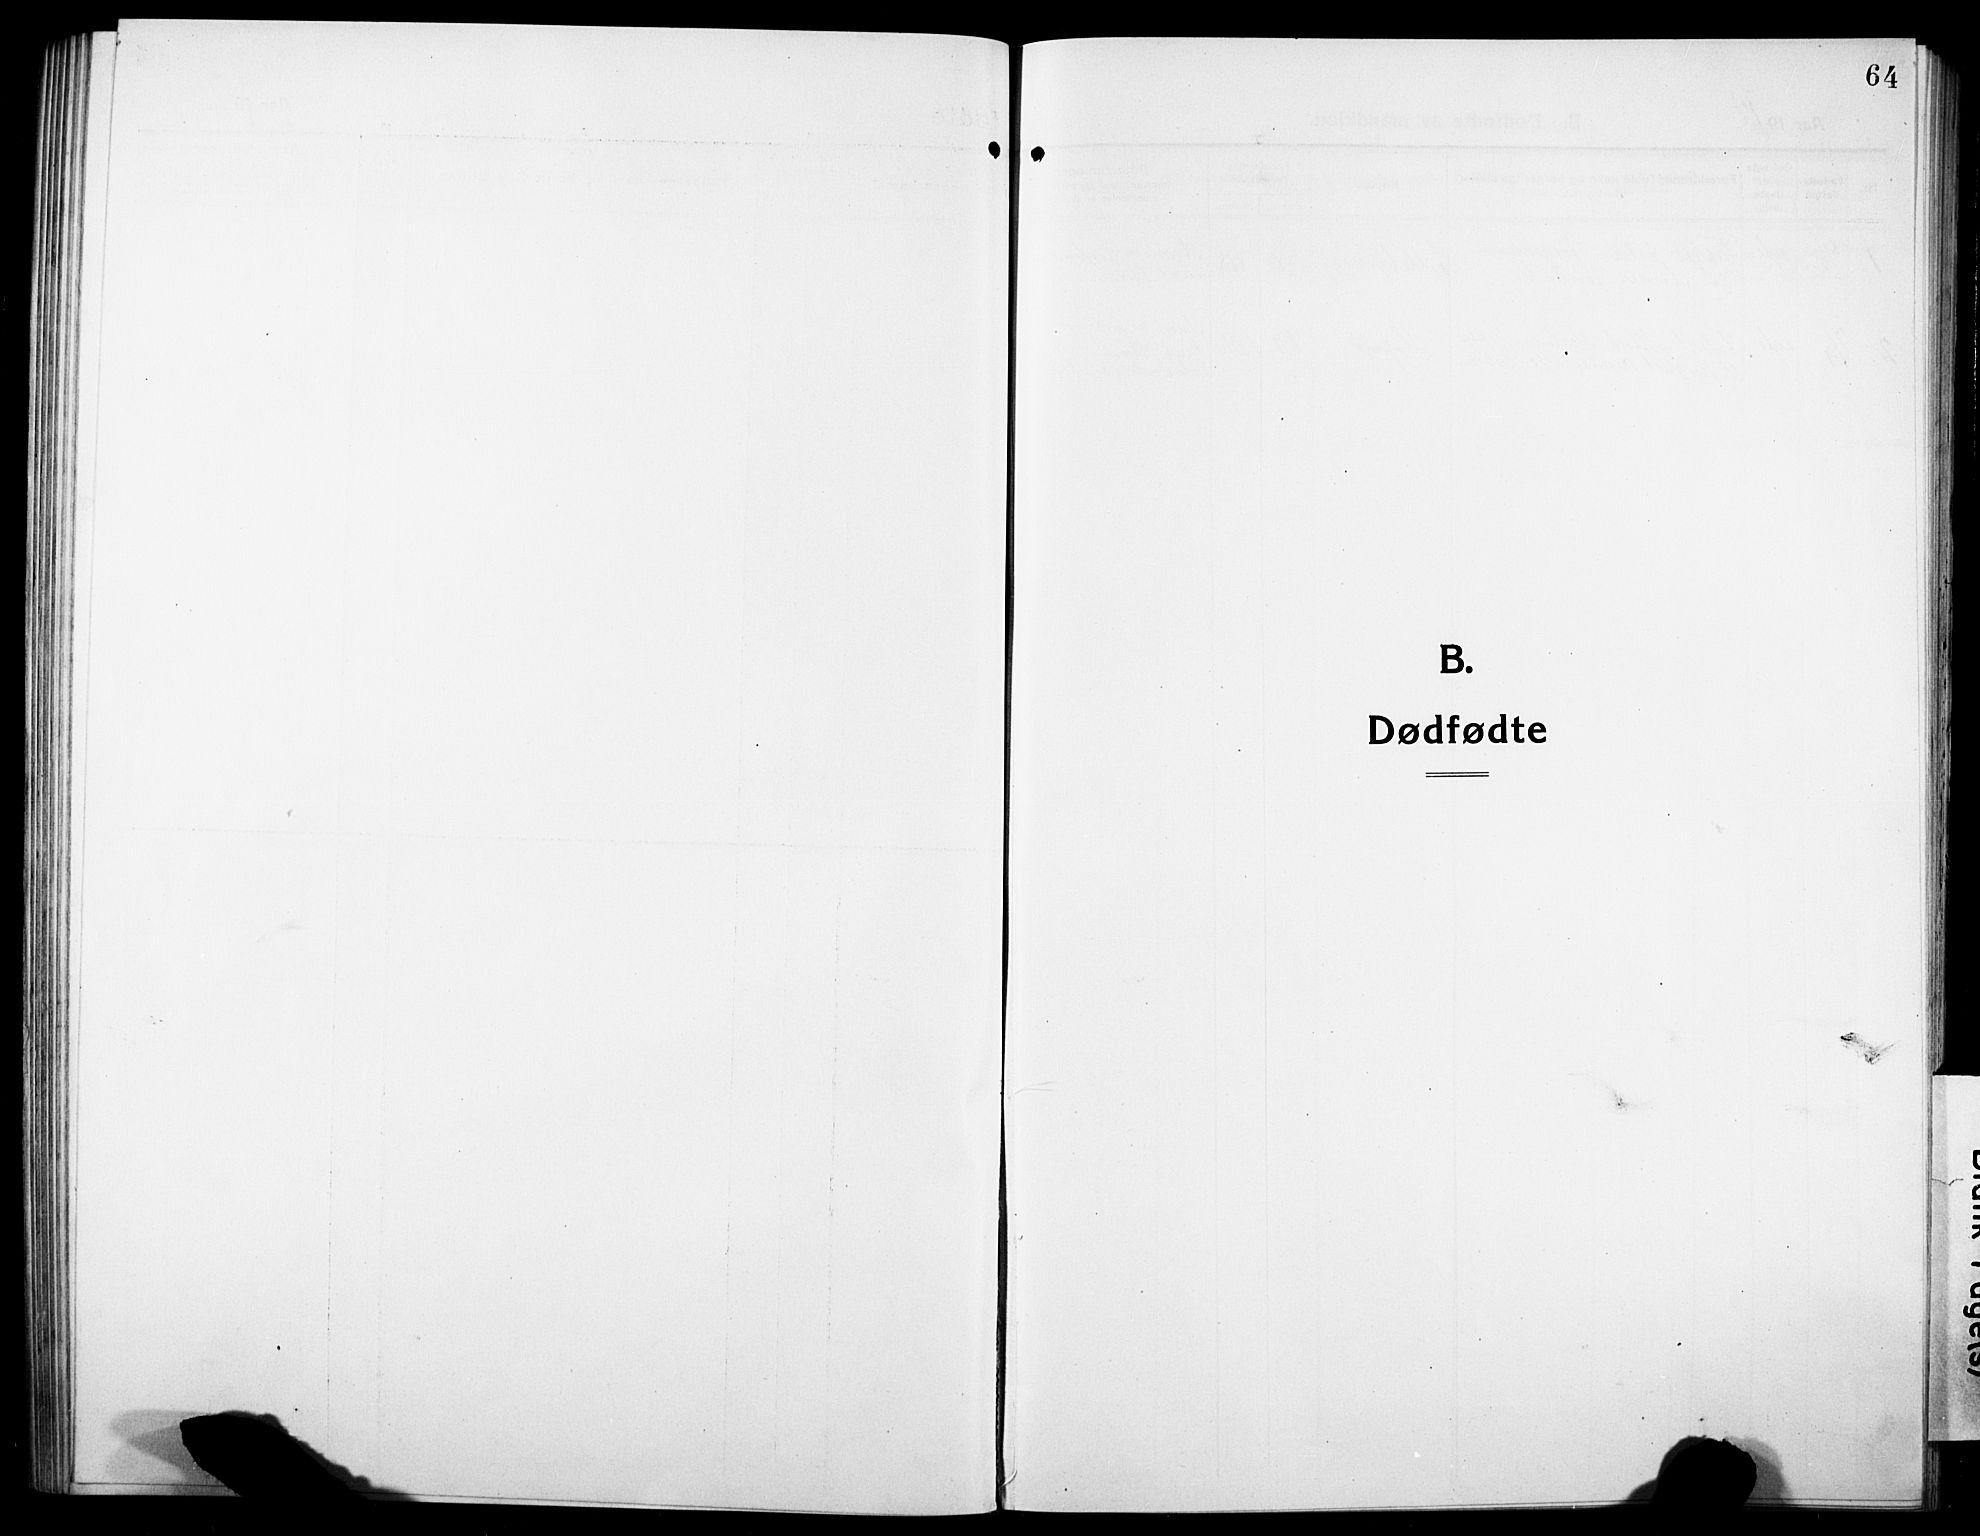 SAT, Ministerialprotokoller, klokkerbøker og fødselsregistre - Sør-Trøndelag, 634/L0543: Klokkerbok nr. 634C05, 1917-1928, s. 64